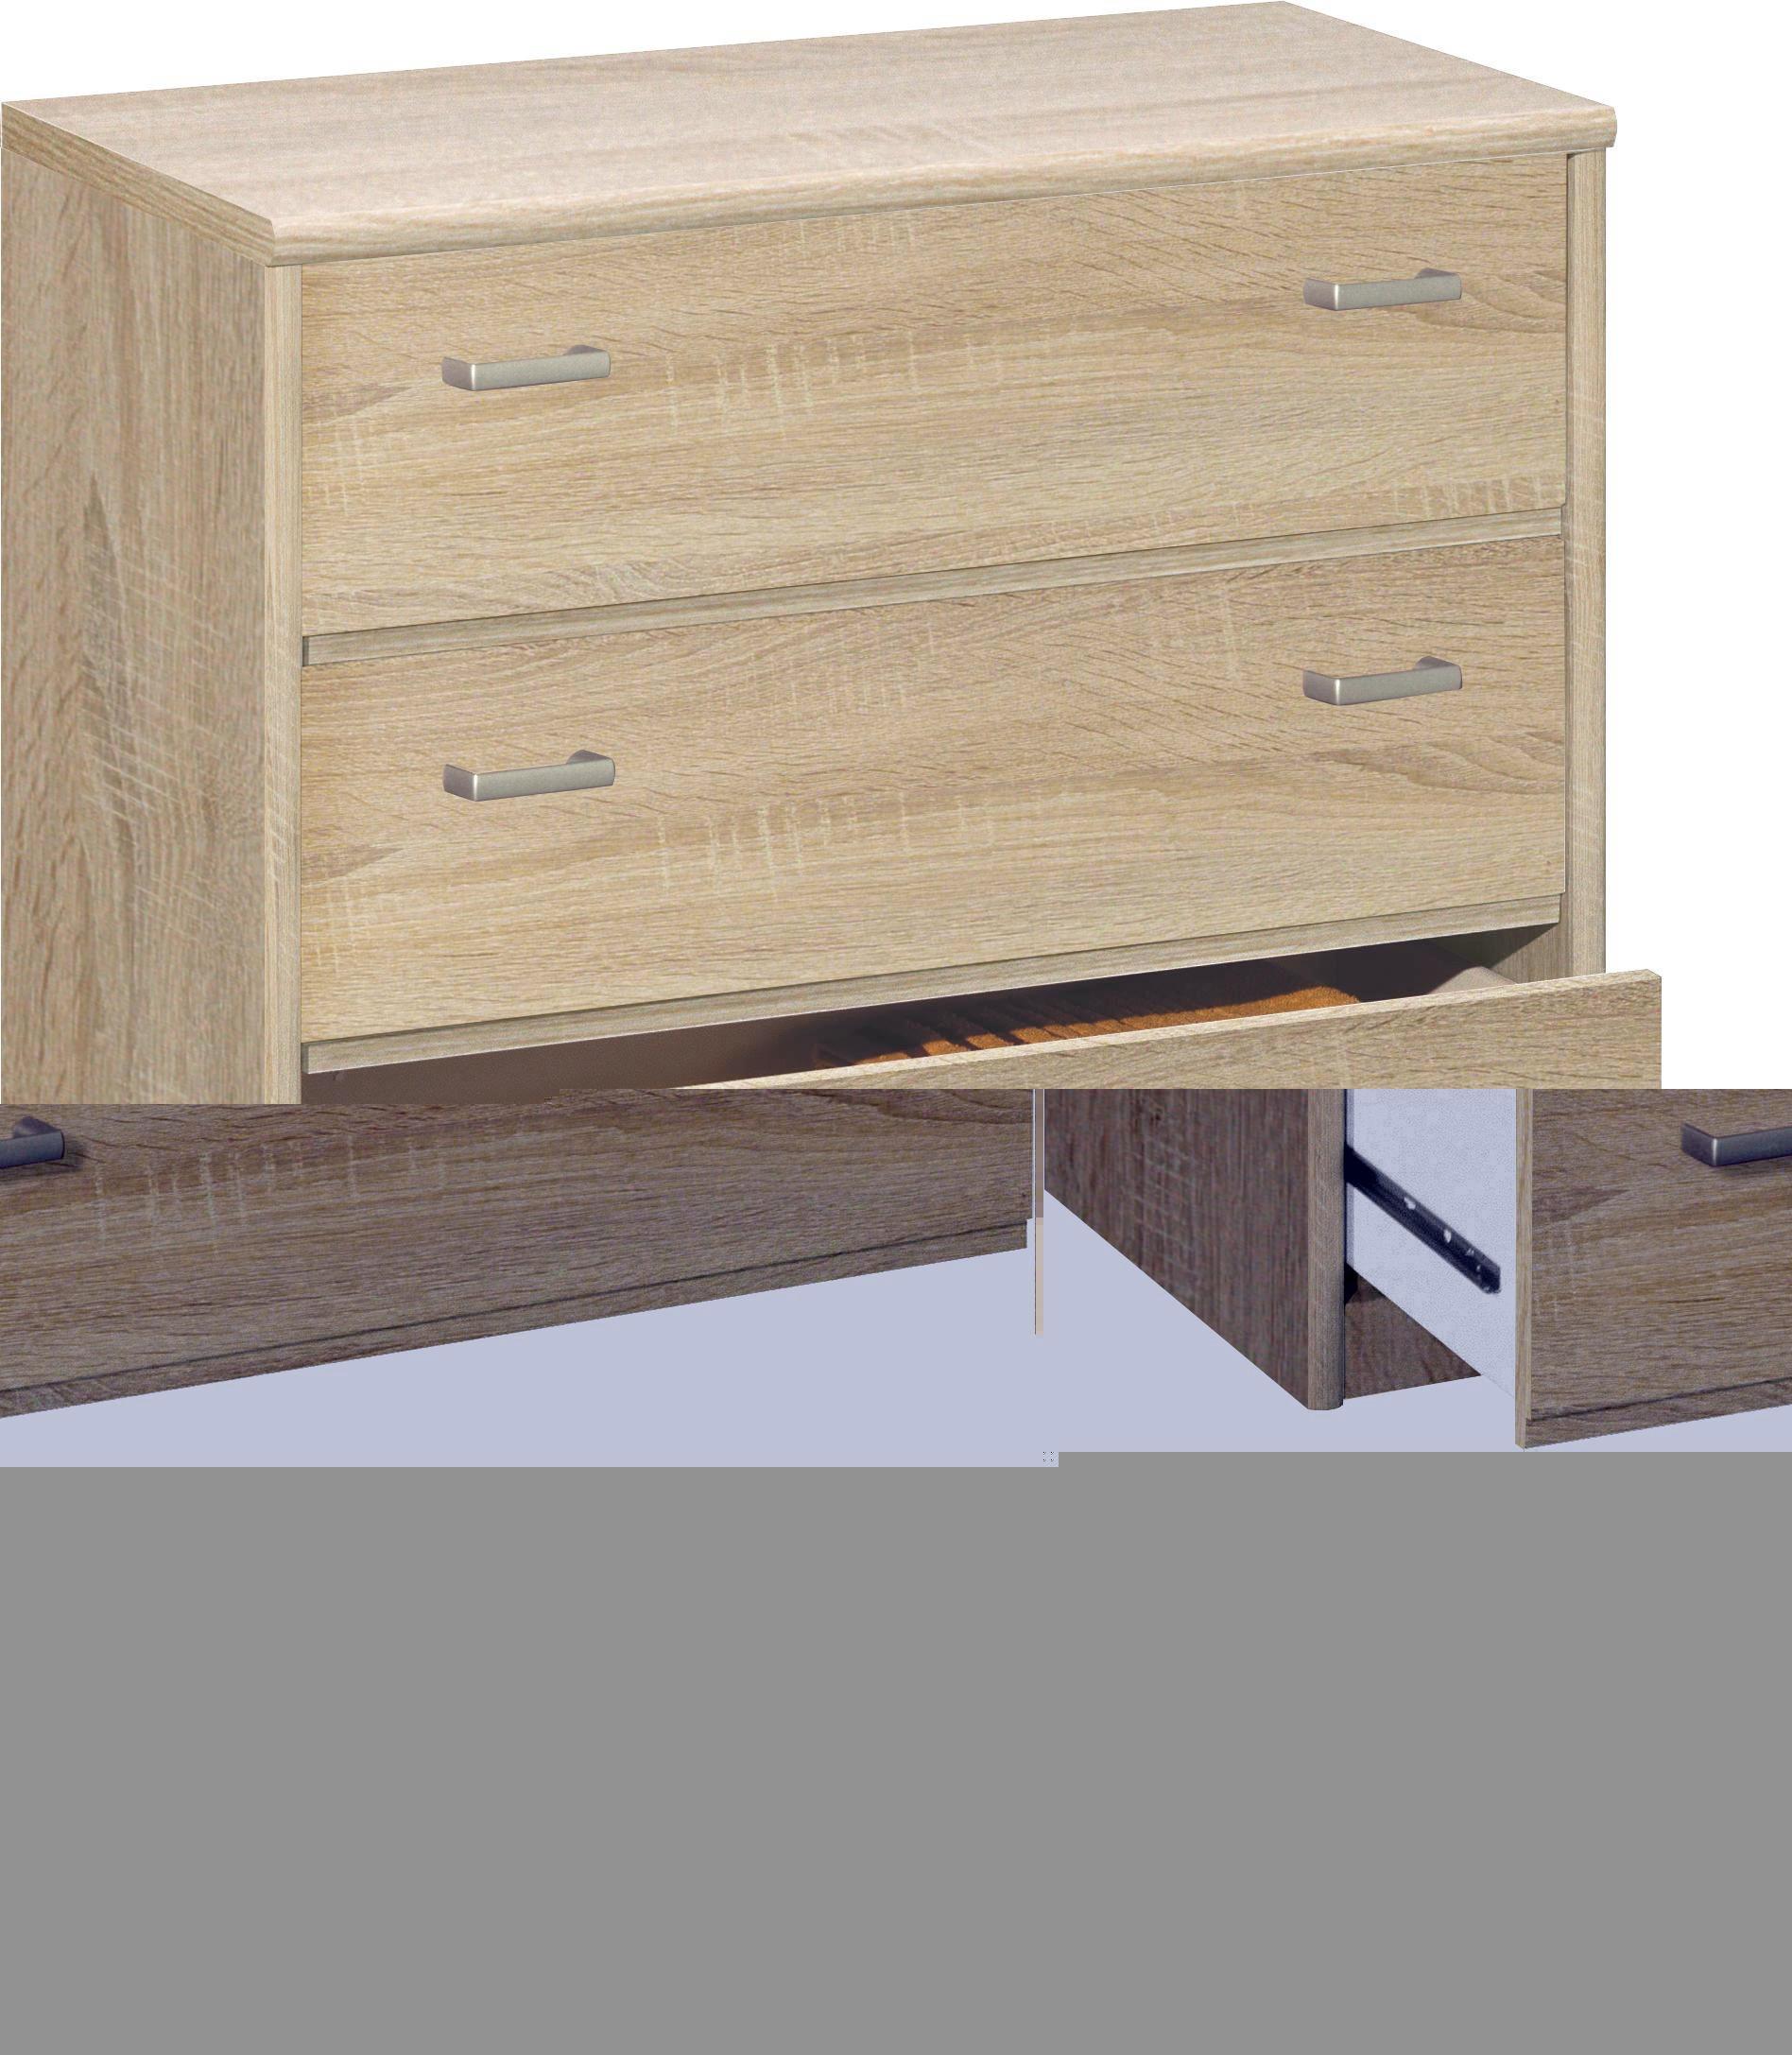 KOMMODE in Eichefarben - Eichefarben/Silberfarben, KONVENTIONELL, Holzwerkstoff/Kunststoff (72/84/36cm) - CS SCHMAL